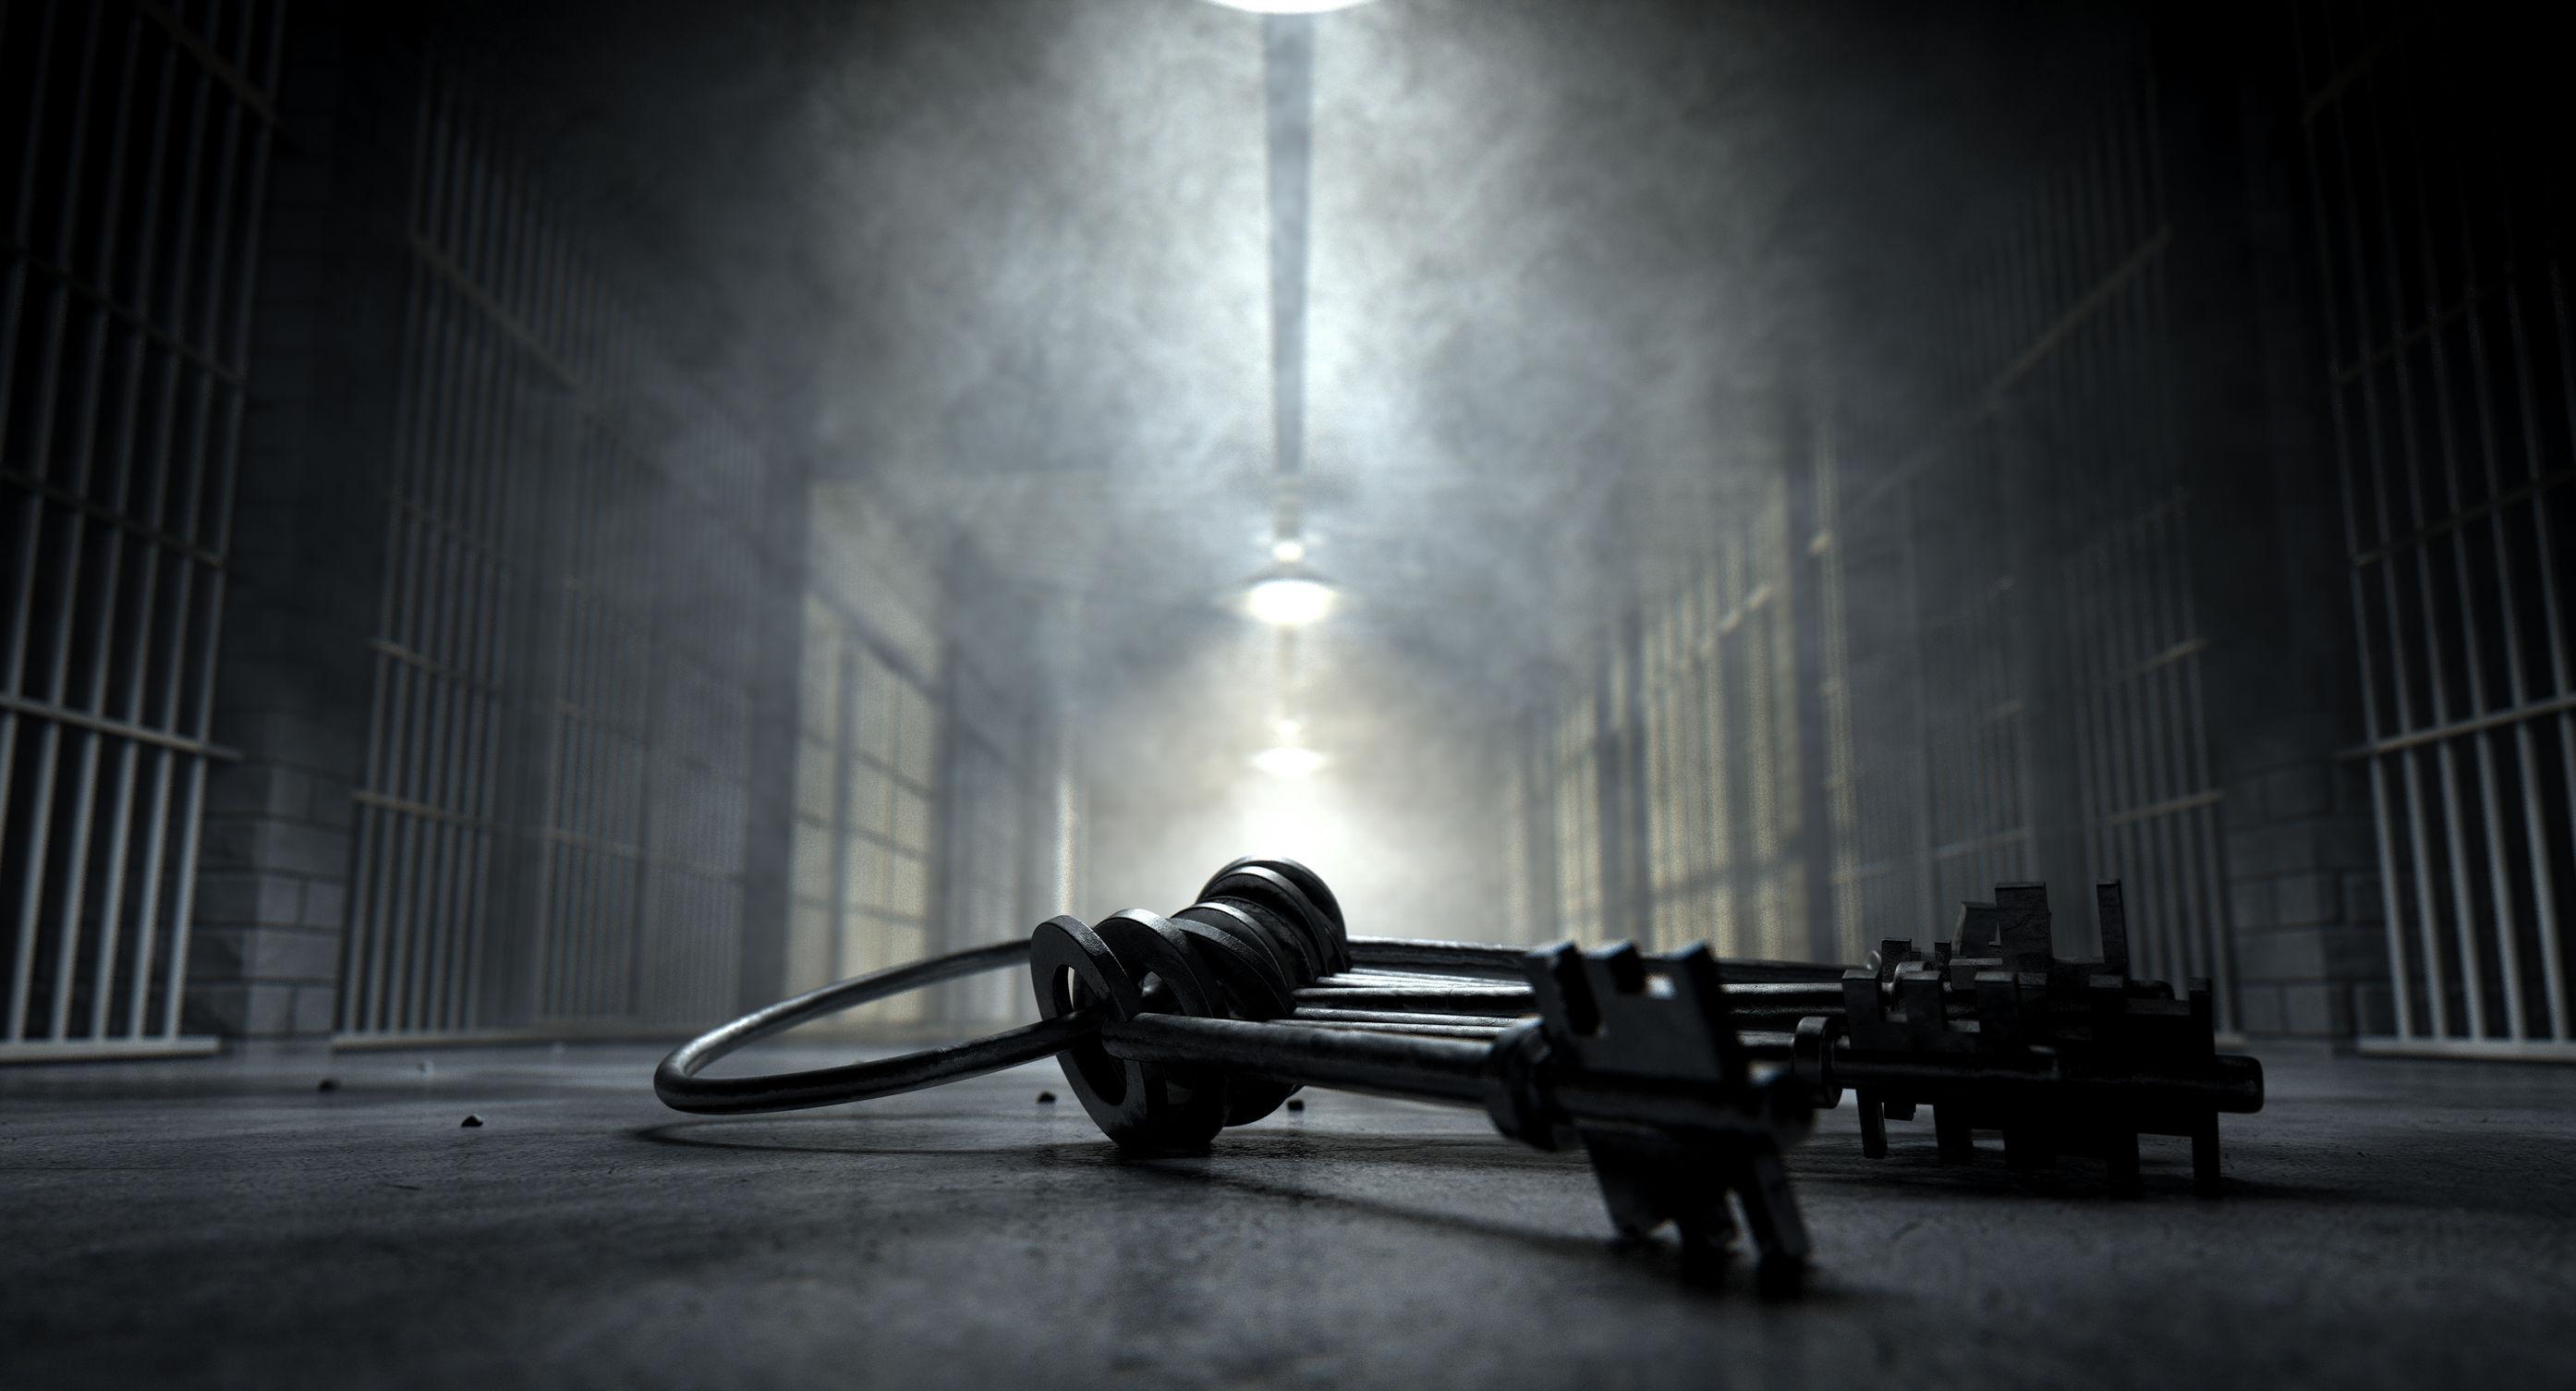 Măsurile Ministerului Justiţiei, pentru a se alinia cerinţelor CEDO: 9.000 de locuri în penitenciare, recursul compensatoriu şi graţierea totală sau parţială a deţinuţilor